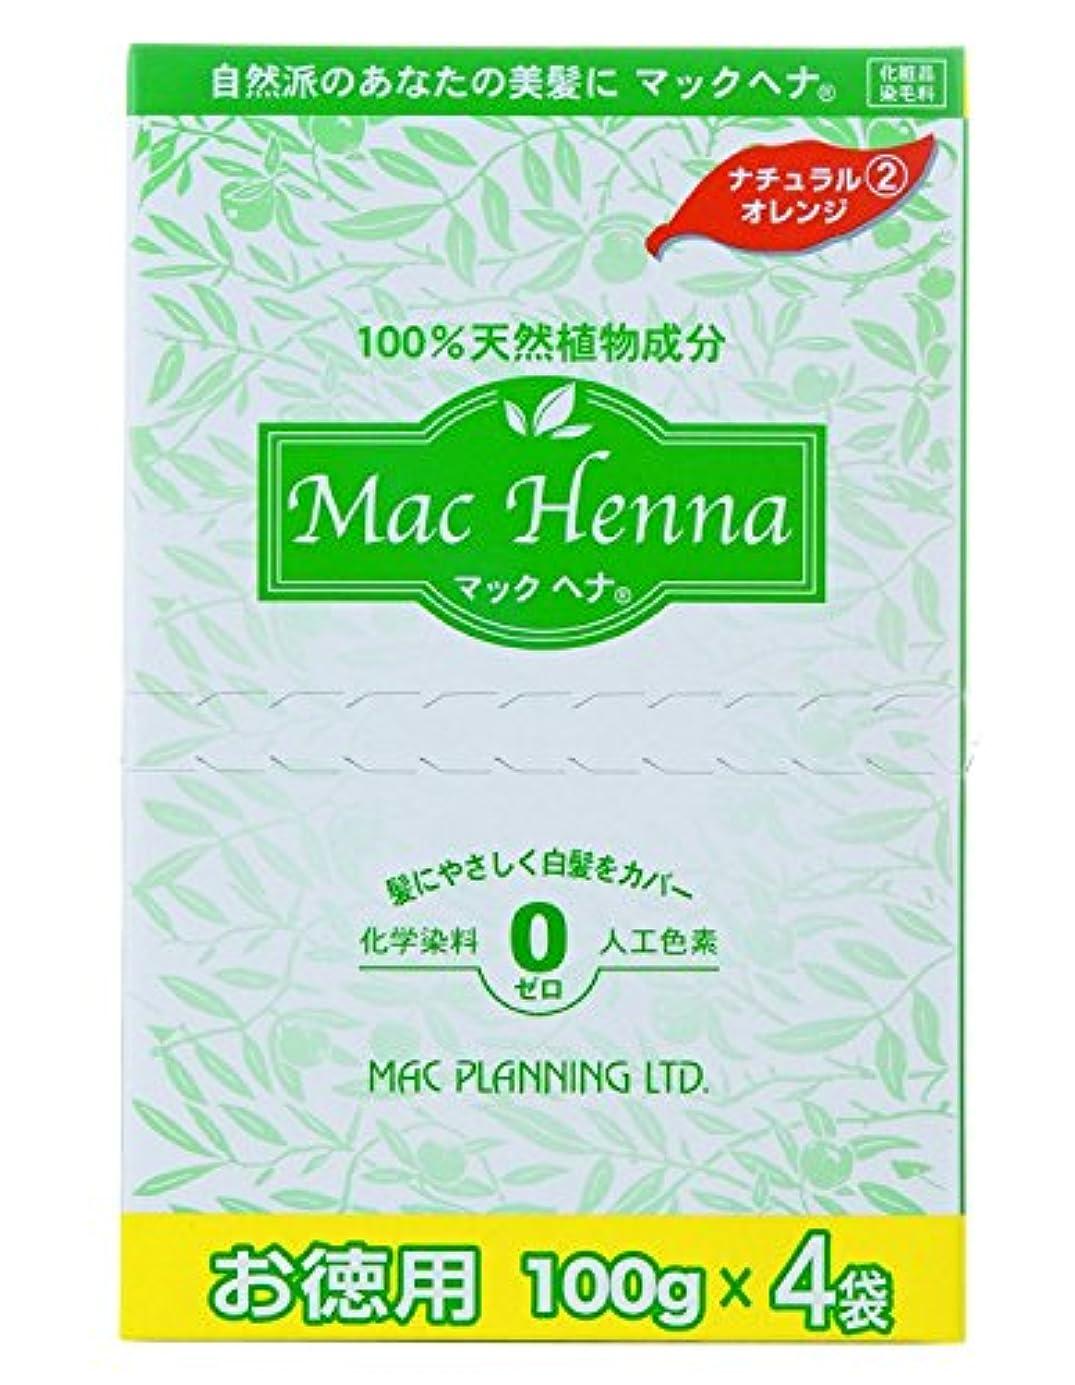 見つける封建いつマックヘナ お徳用(ナチュラルオレンジ)-2 400g(100g×4袋)